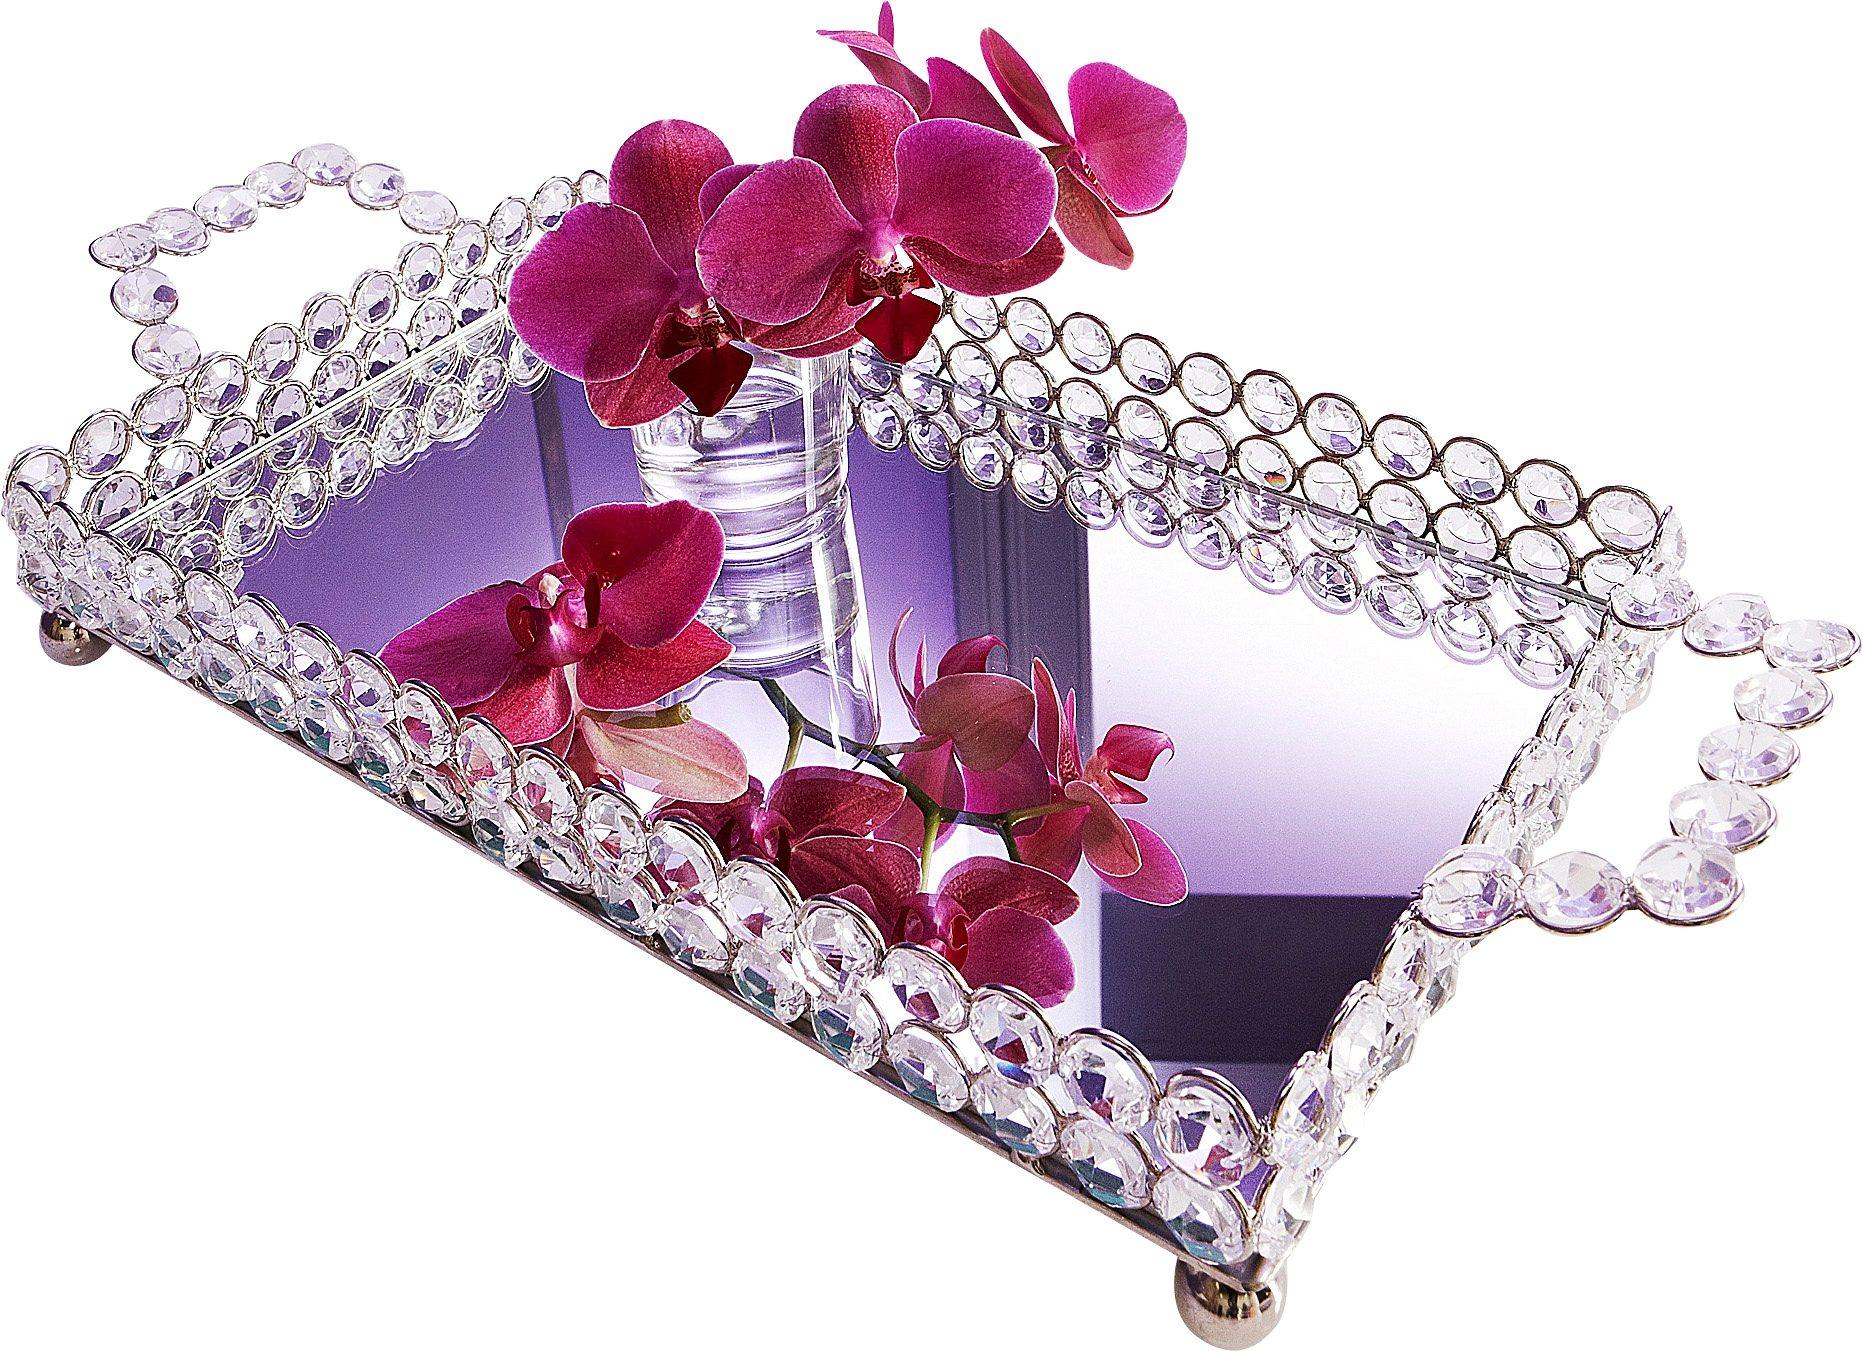 ARTRA Tablett, mit Griffen Kristall silberfarben Dekoschalen Dekotabletts Deko Wohnaccessoires Tablett